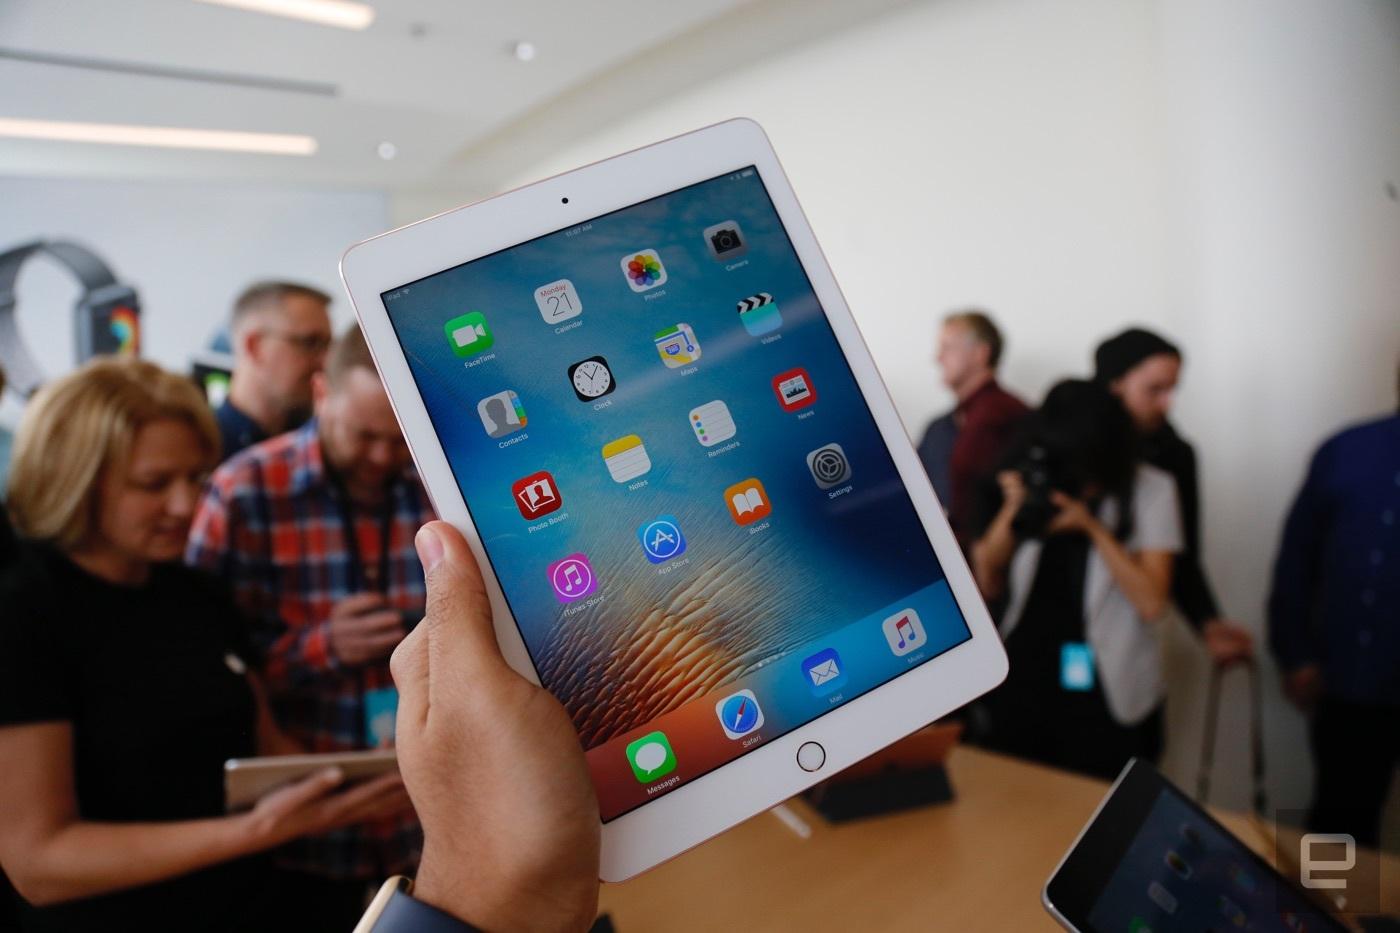 Порнуху смотреть на айпаде, Бесплатное порно для iPad. Новое видео каждый день 1 фотография